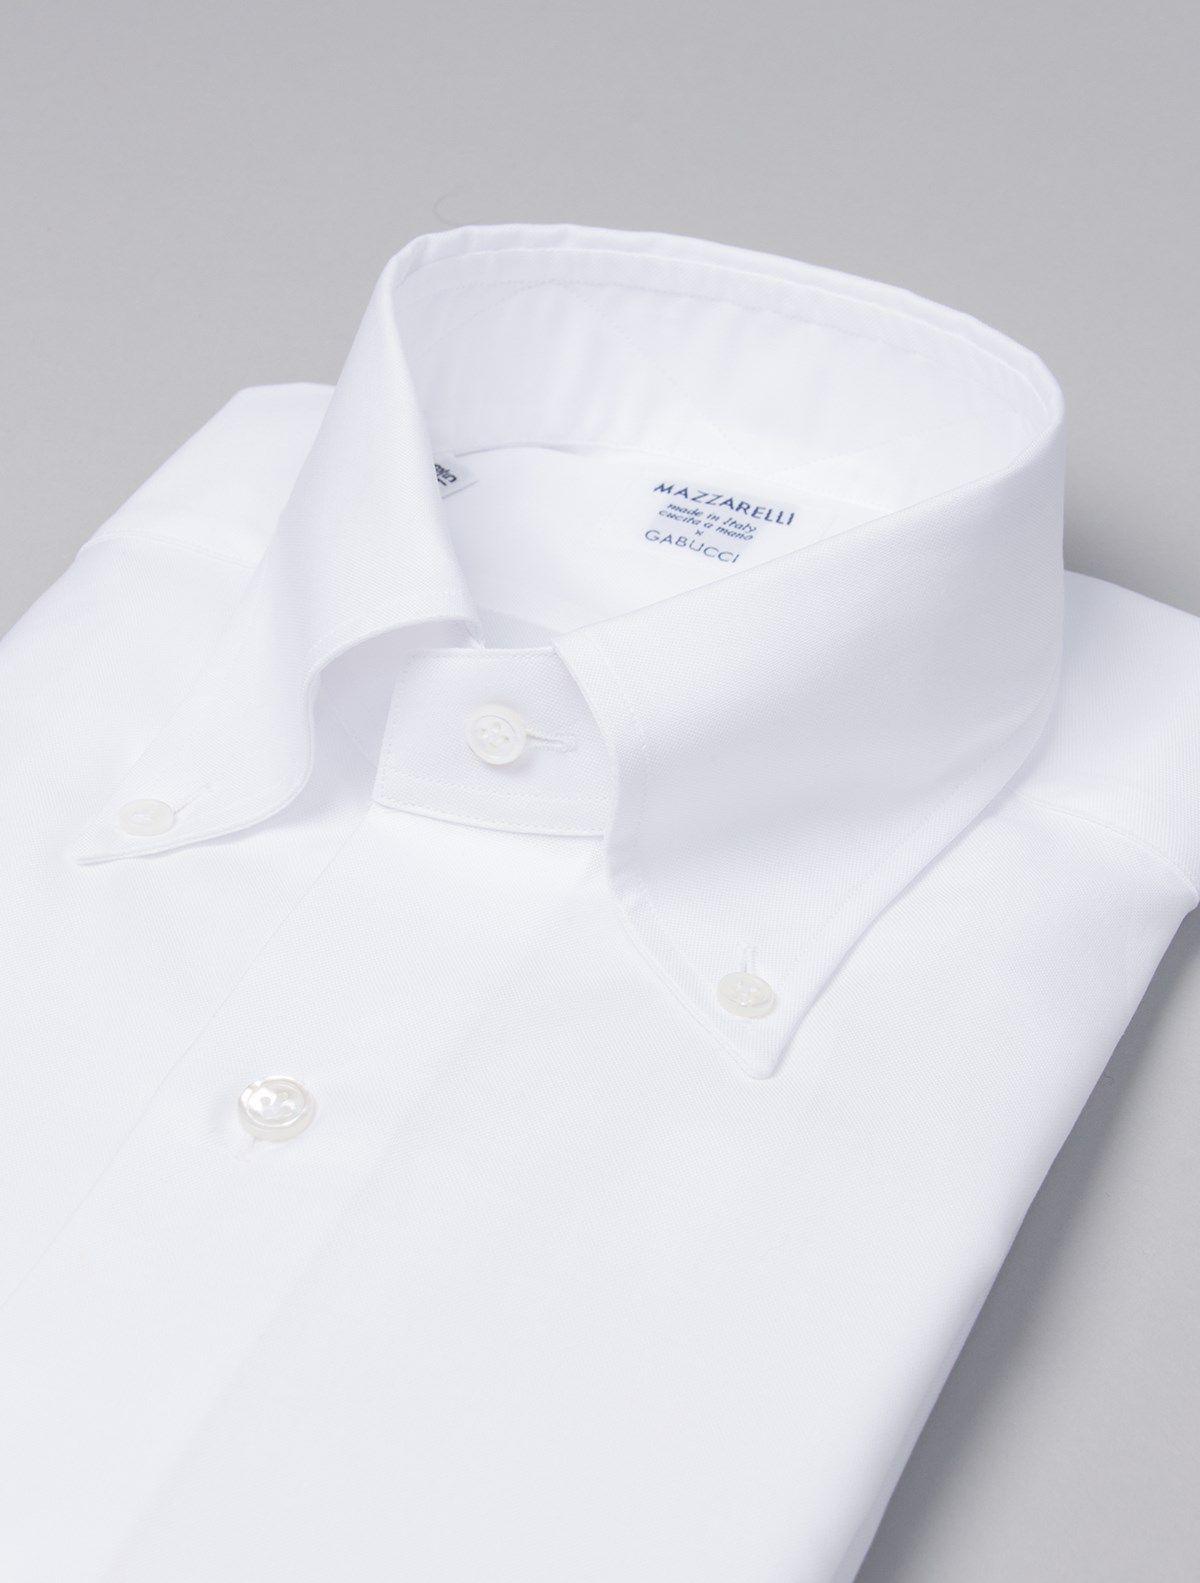 Skjorta - Custom fit Mazzarelli  2624c123ddaa7